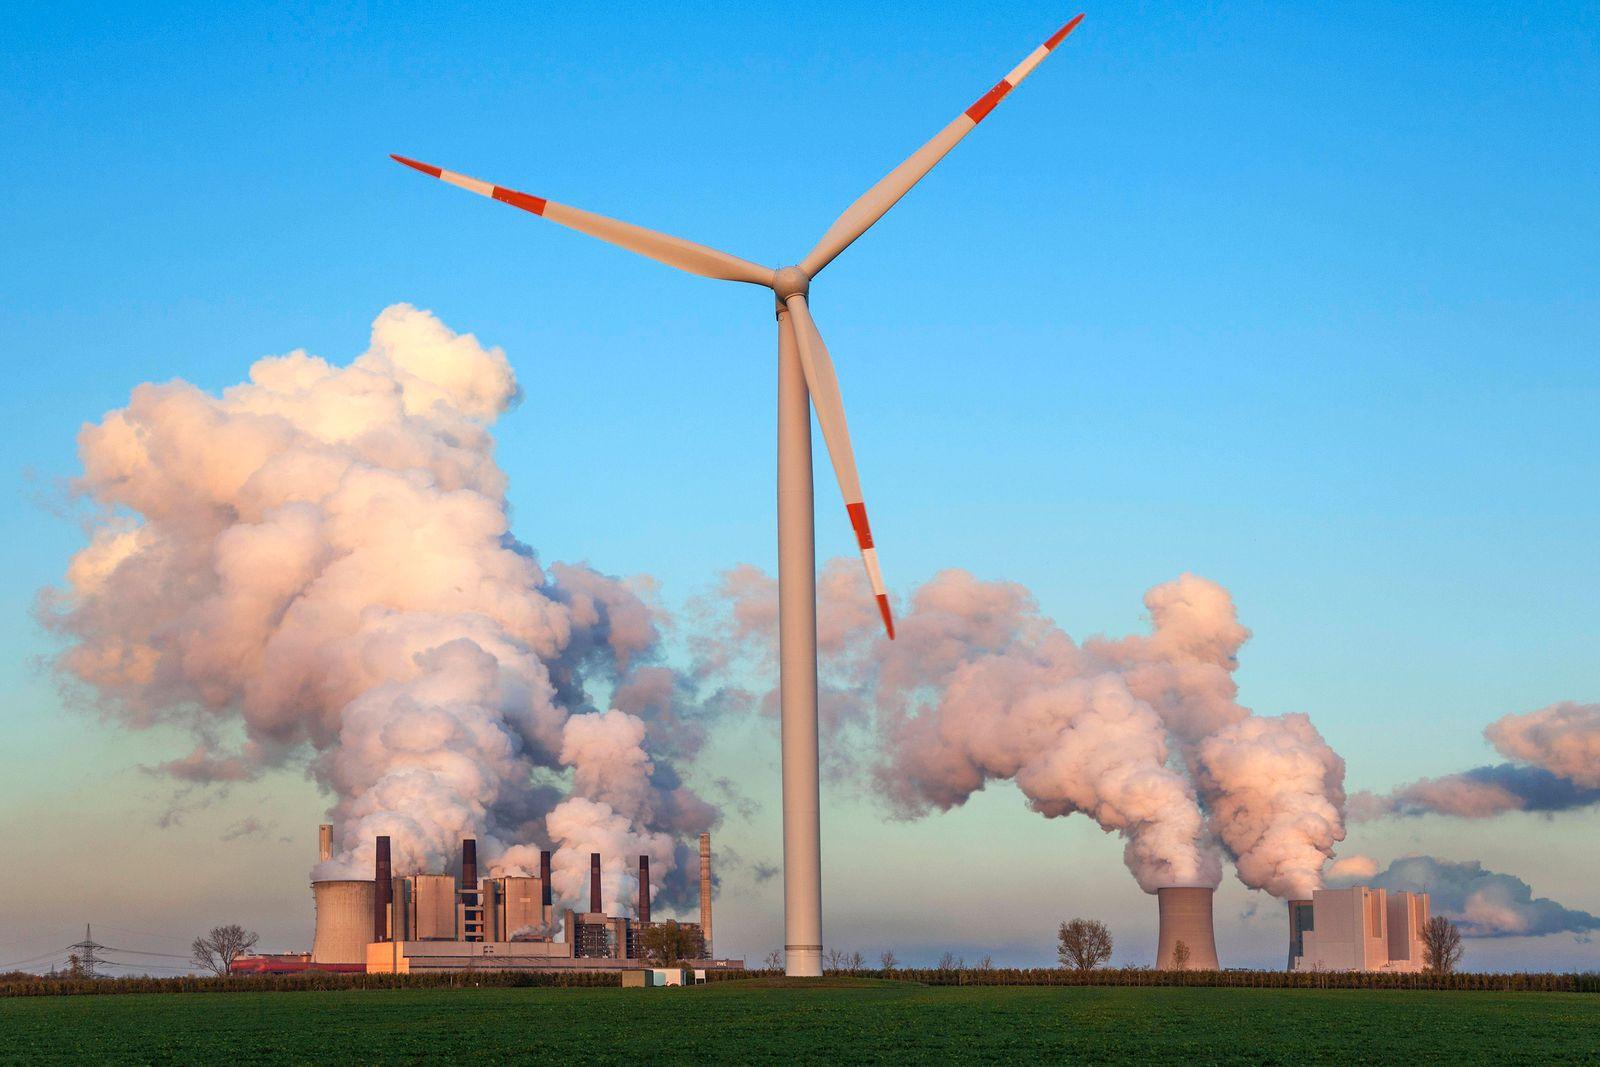 Windkraftanlage im Abendlicht, hinten RWE Power AG, Kraftwerk Neurath, Braunkohlekraftwerk, dampfende Schlote, Kohleaus